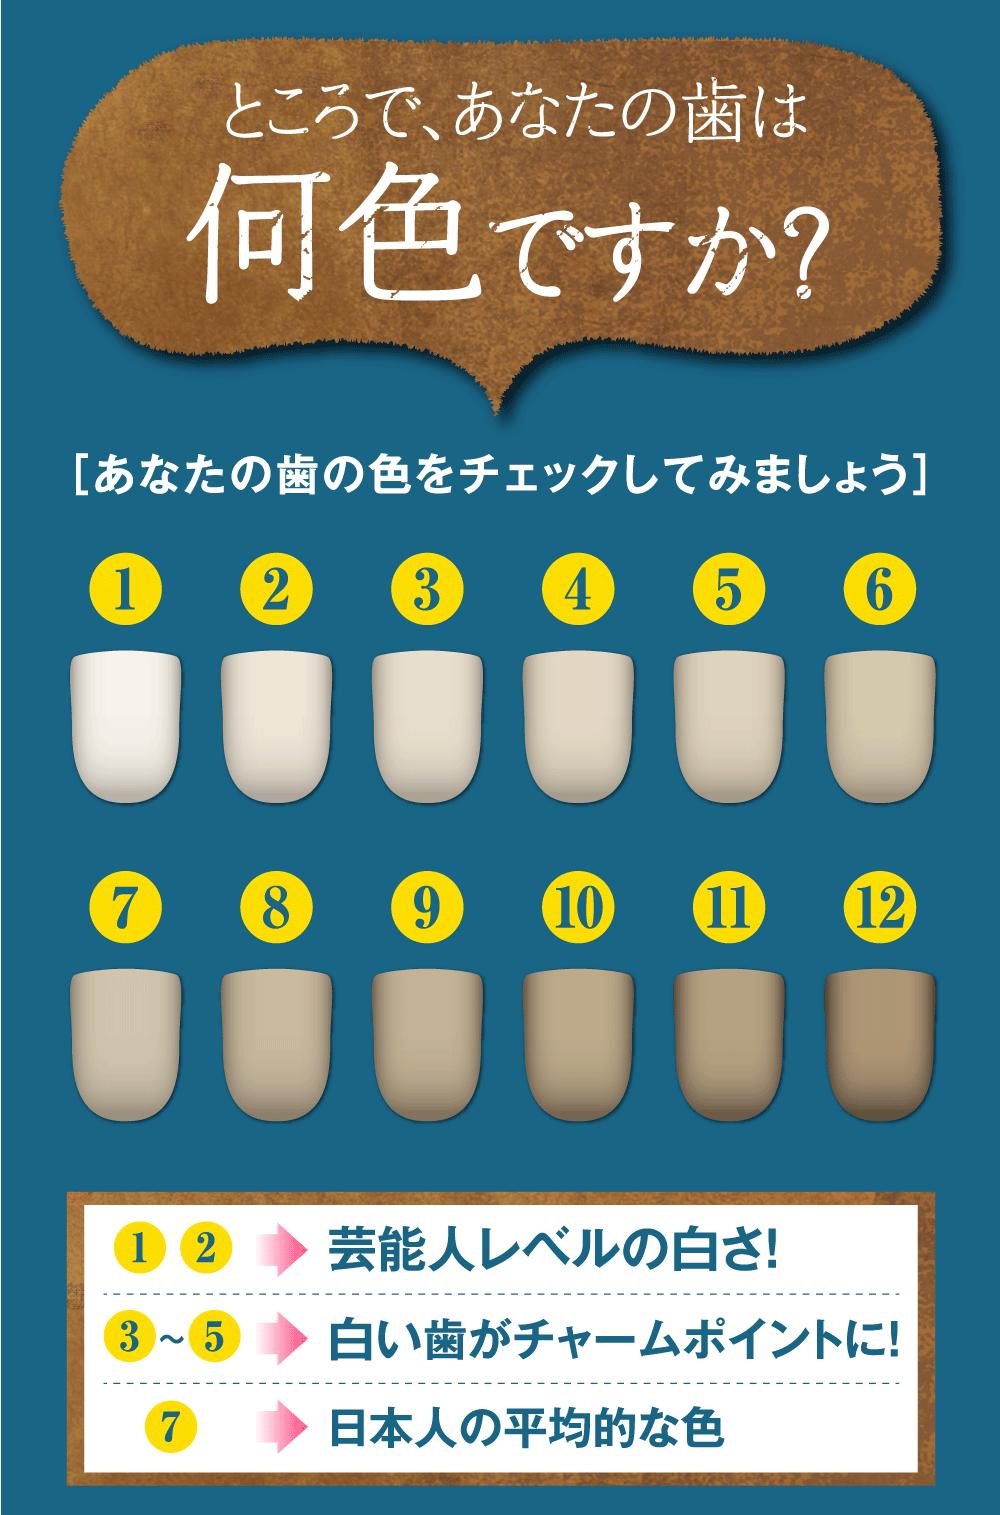 ところであなたの歯の色は何色ですか?あなたの歯の色をチェックしてみましょう